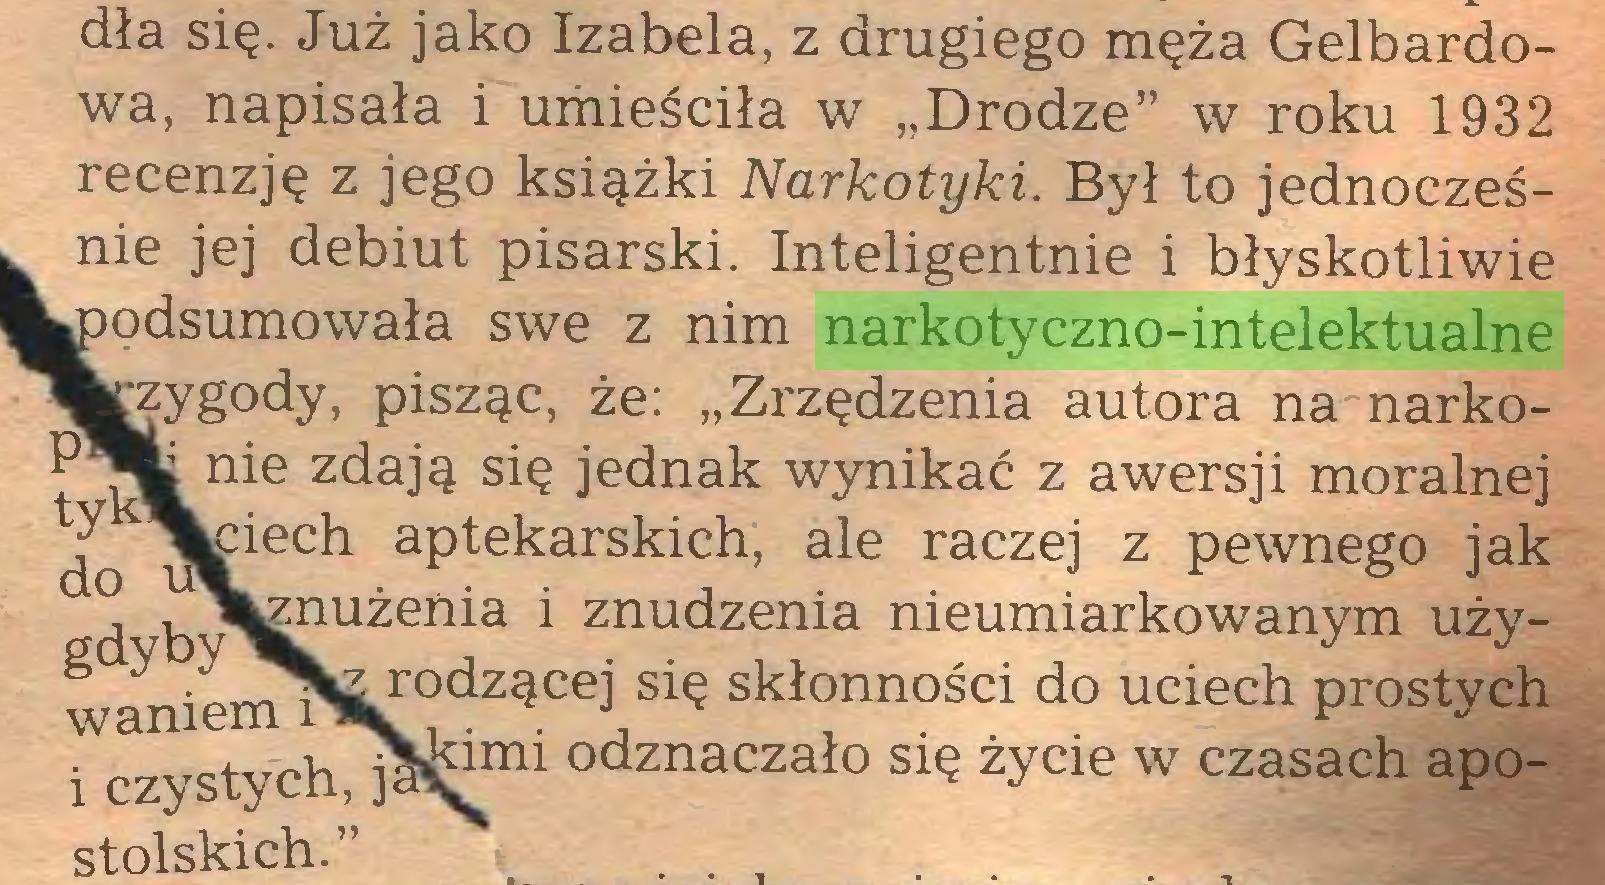 """(...) dła się. Już jako Izabela, z drugiego męża Gelbardowa, napisała i umieściła w """"Drodze"""" w roku 1932 recenzję z jego książki Narkotyki. Był to jednocześnie jej debiut pisarski. Inteligentnie i błyskotliwie ipodsumowała swe z nim narkotyczno-intelektualne rzygody, pisząc, że: """"Zrzędzenia autora na narko^ nie zdają się jednak wynikać z awersji moralnej do utieCh aPtekarskich> ale raczej z pewnego jak , , l^nużeńia i znudzenia nieumiarkowanym używanien^SL5°dzącej siS skłonności do uciech prostych i czystychTj^s^1™ odznaczało życie w czasach apostolskich."""" . ..."""